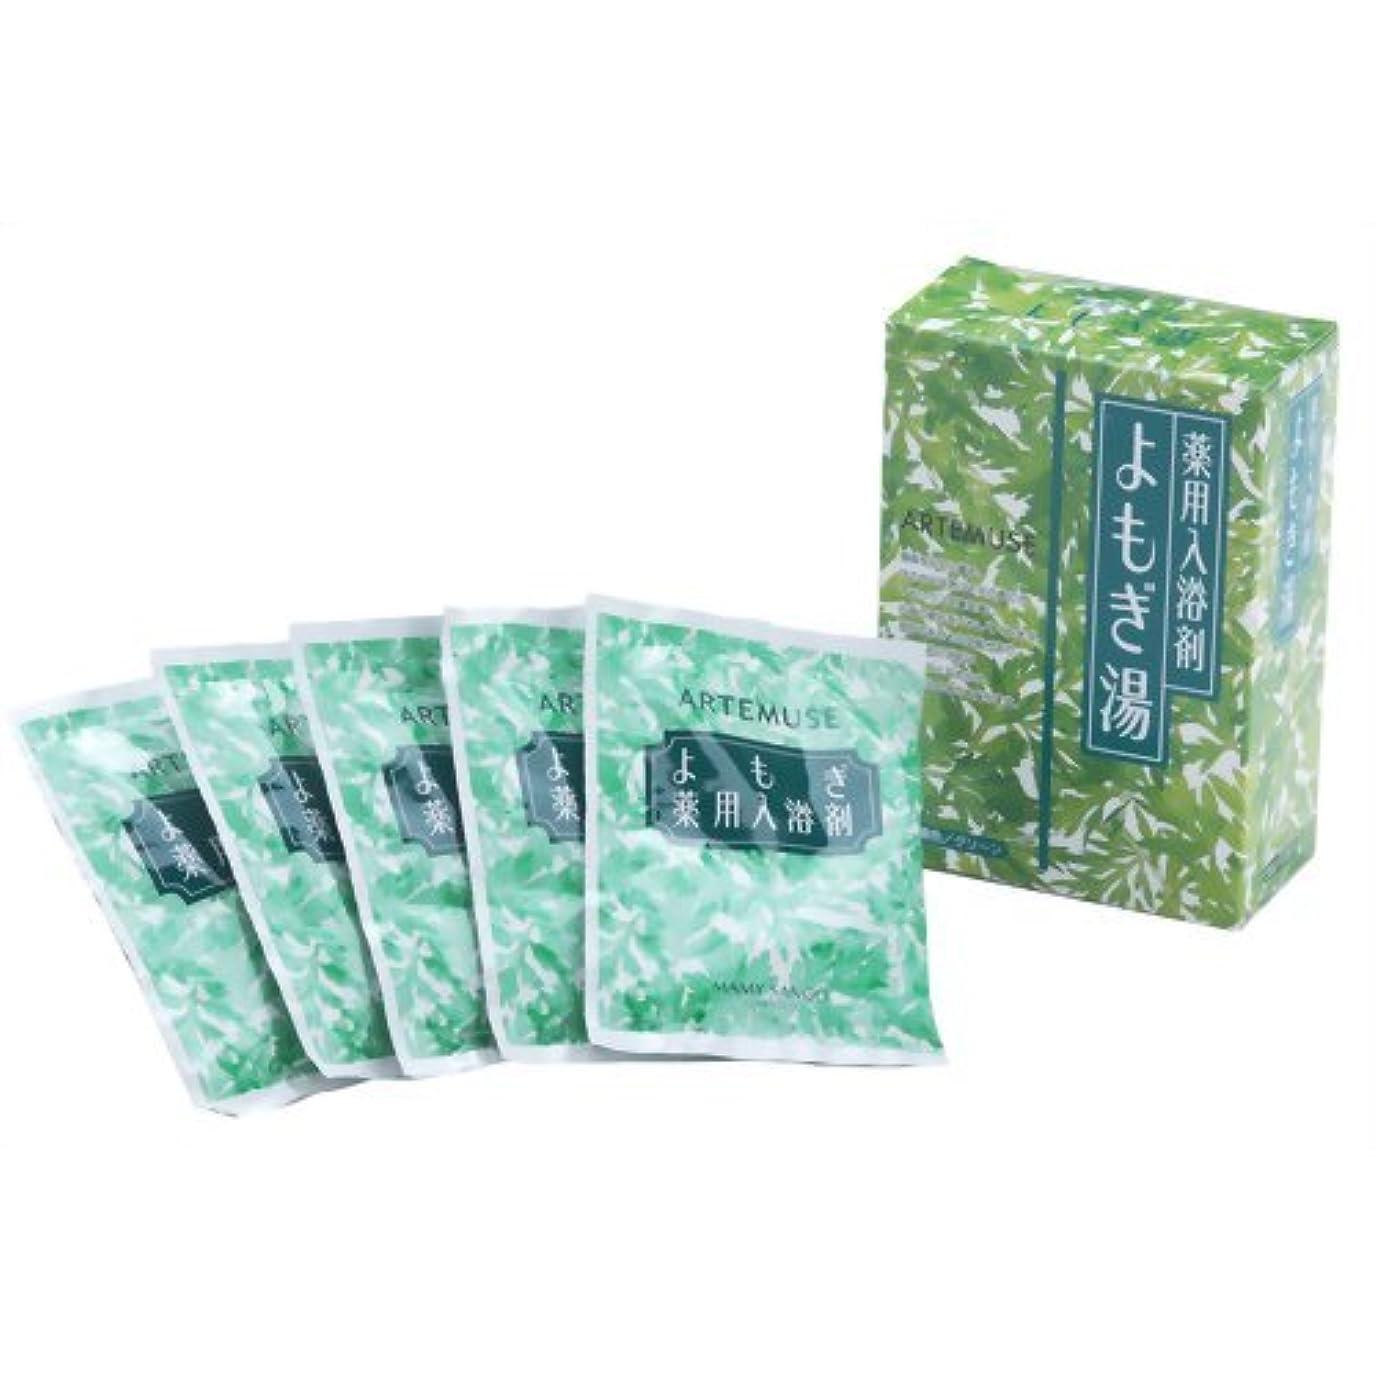 撤回する病的レンダリング三興物産 よもぎ薬用シリーズ よもぎ薬用入浴剤 (分包) 30g×5包入